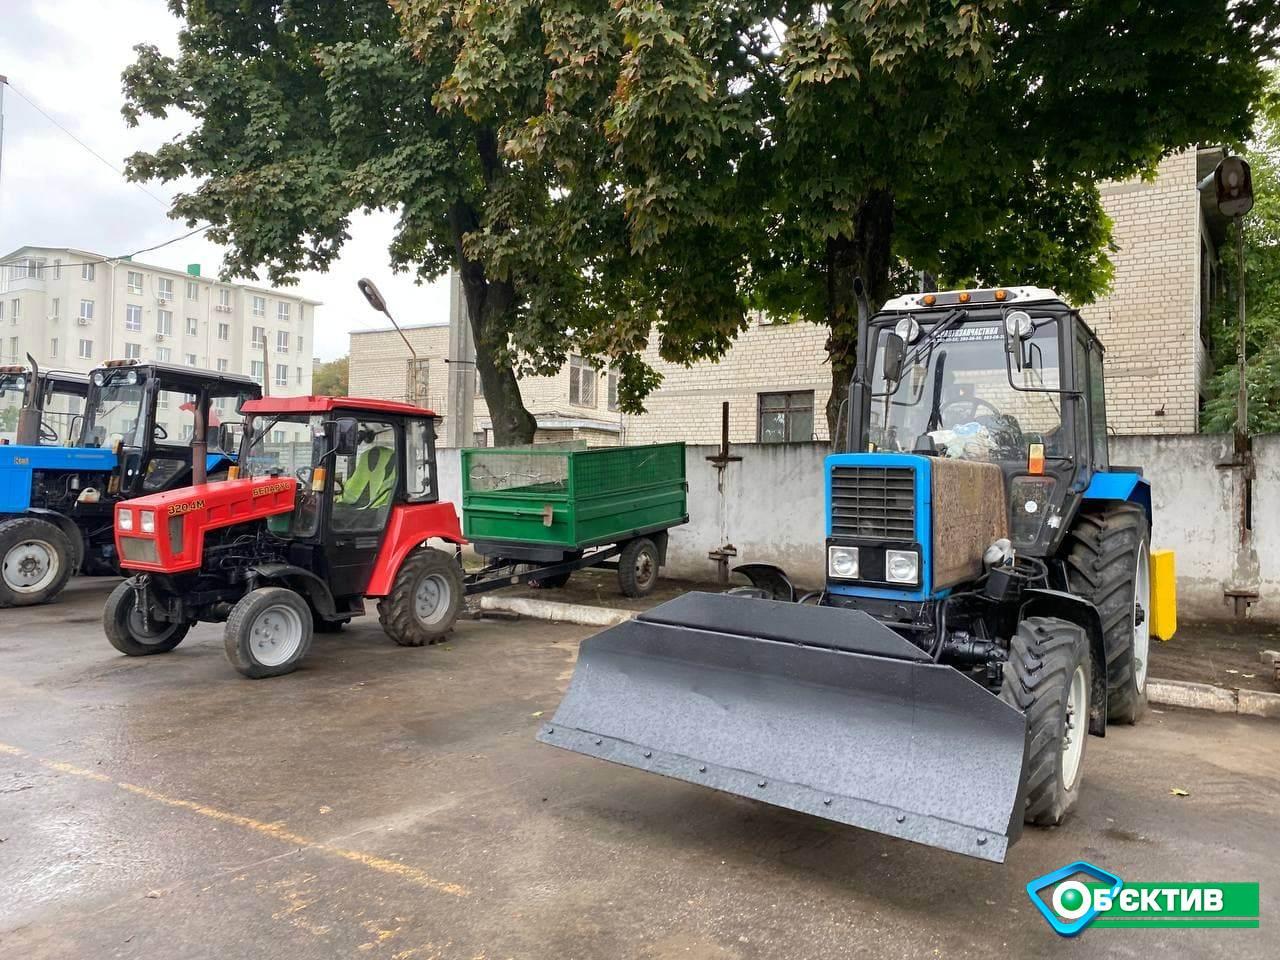 Тракторы, ледорубы и мешки с солью: в Харькове готовятся к зимним снегопадам (фото)